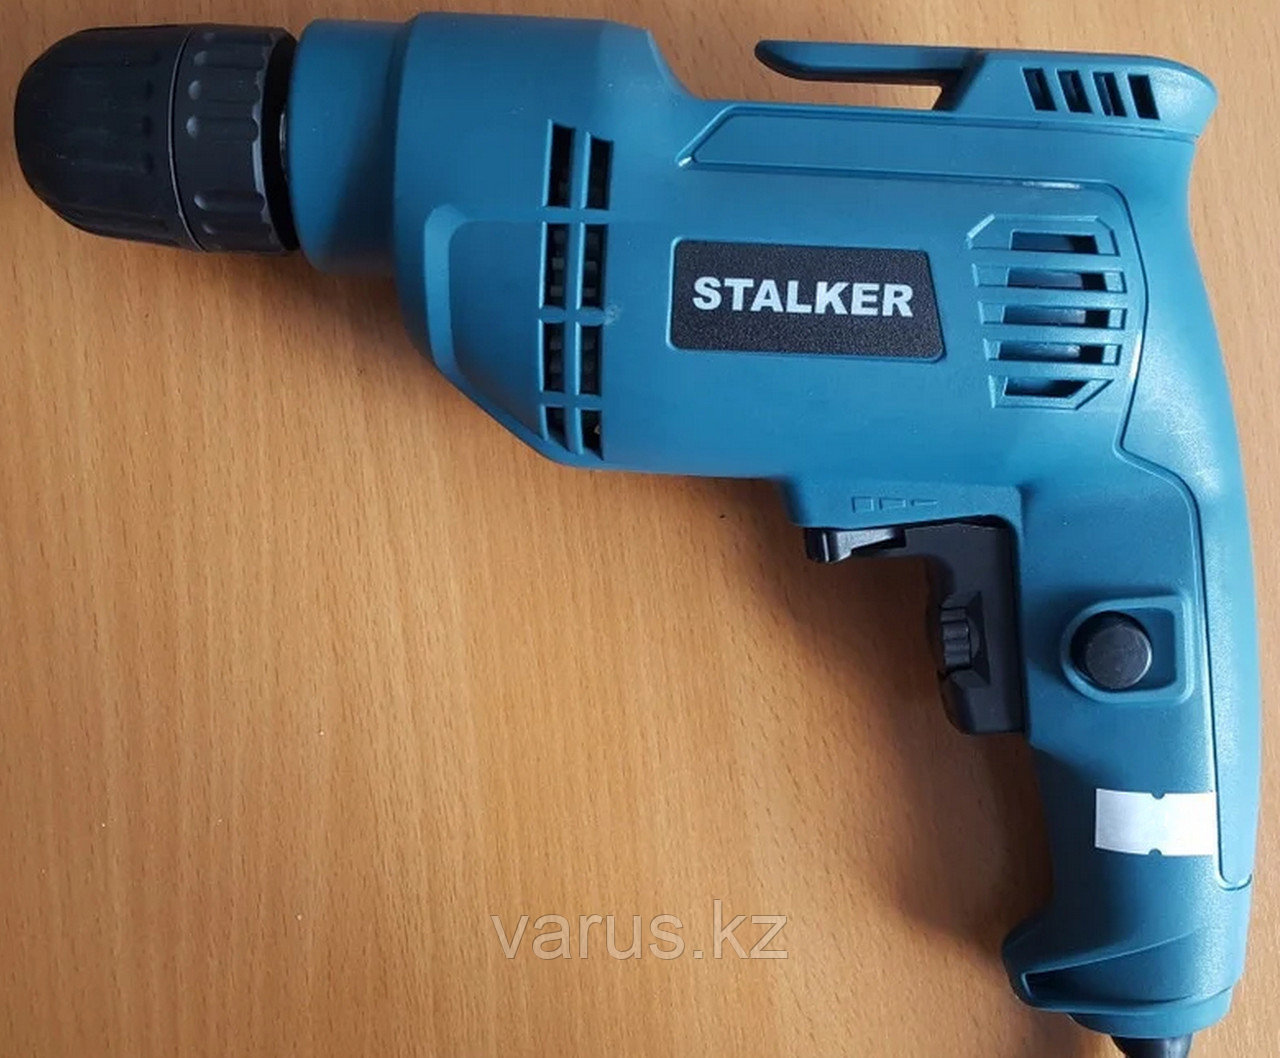 Дрель DS 600-10 Stalker